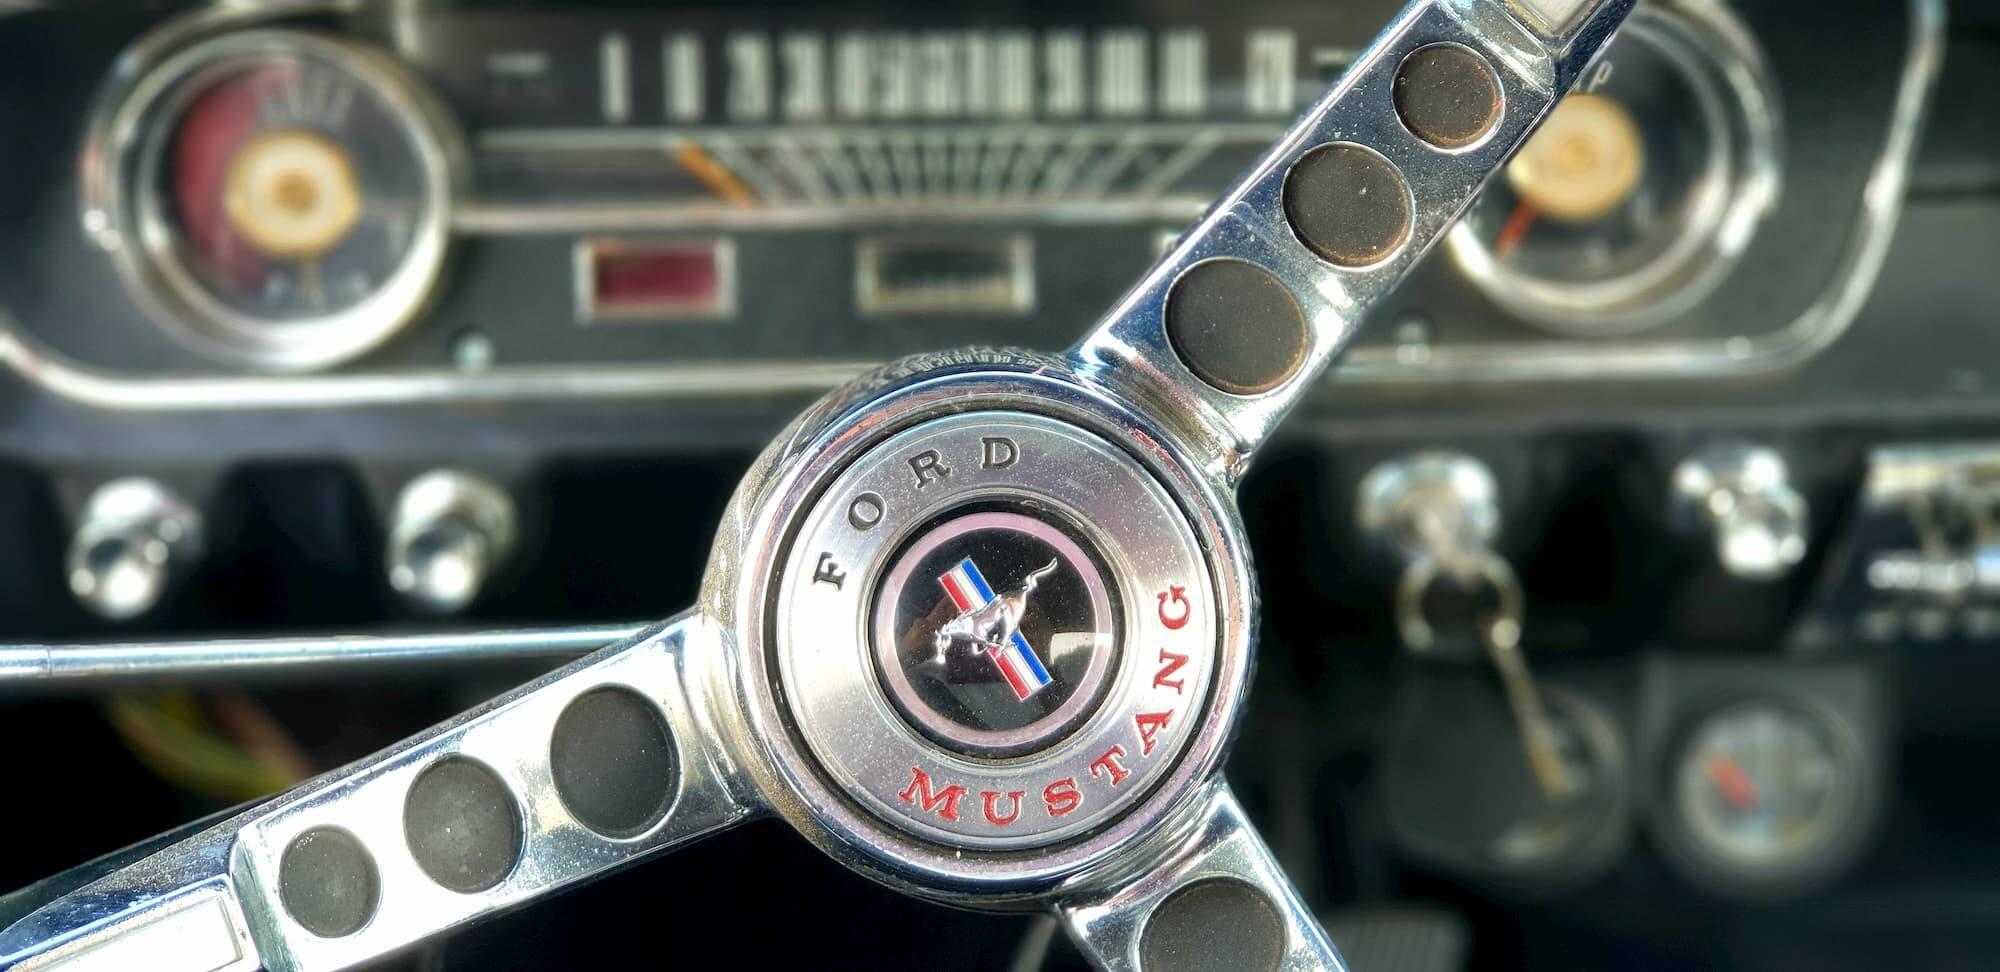 Restauration automobile de voitures américaines - Ford Mustang